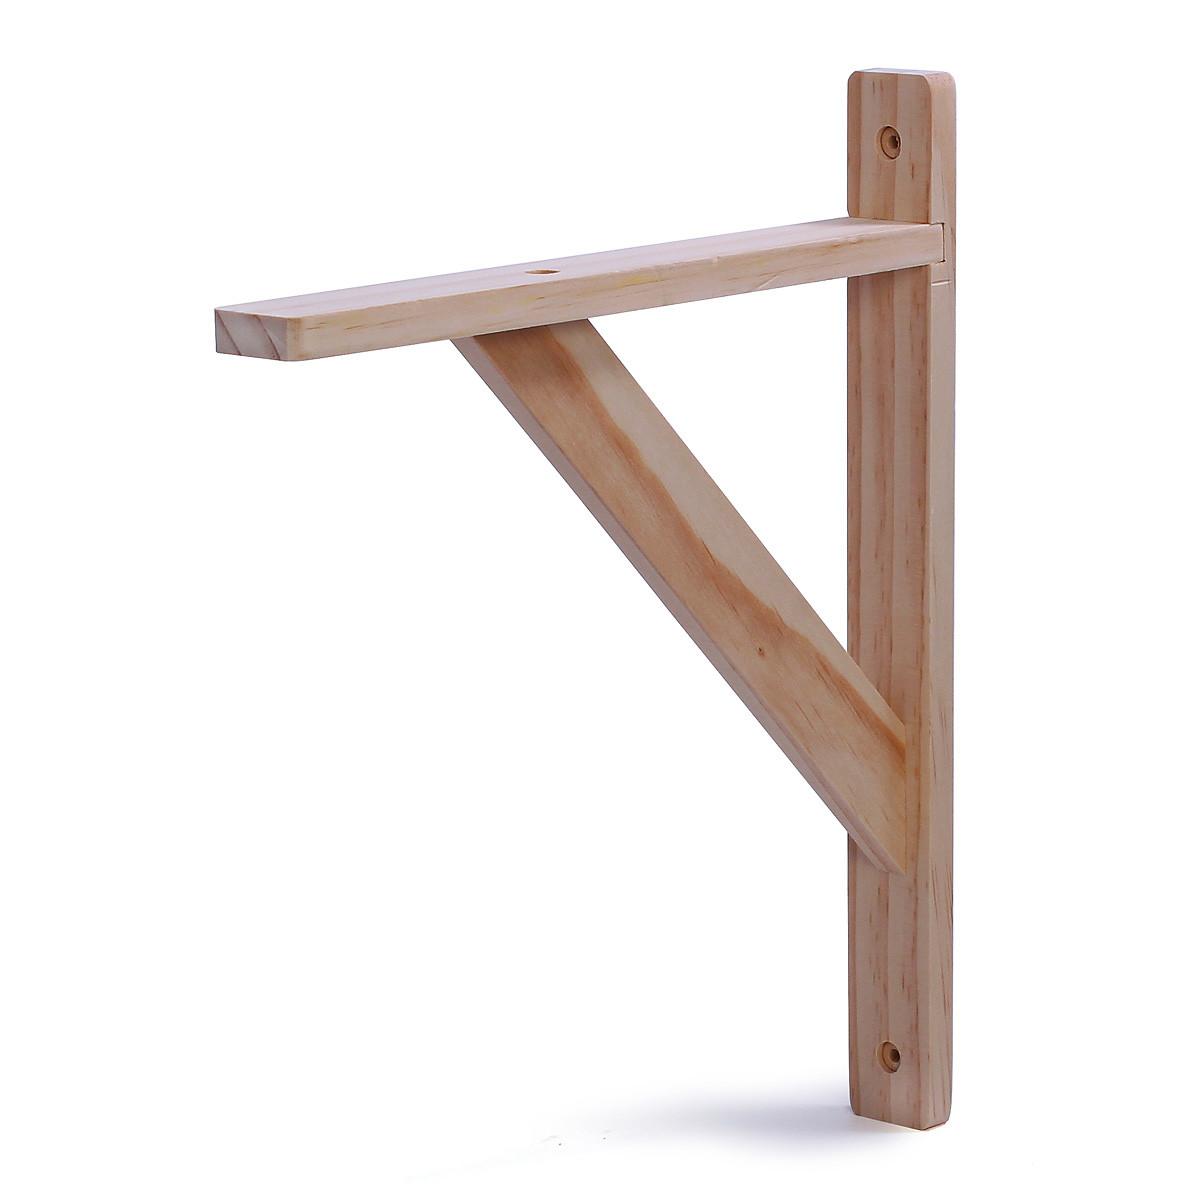 Кронштейн для полок Larvij деревянный 250 х 30 х 300 мм Сосна.  Крепление для полок. (L5102)